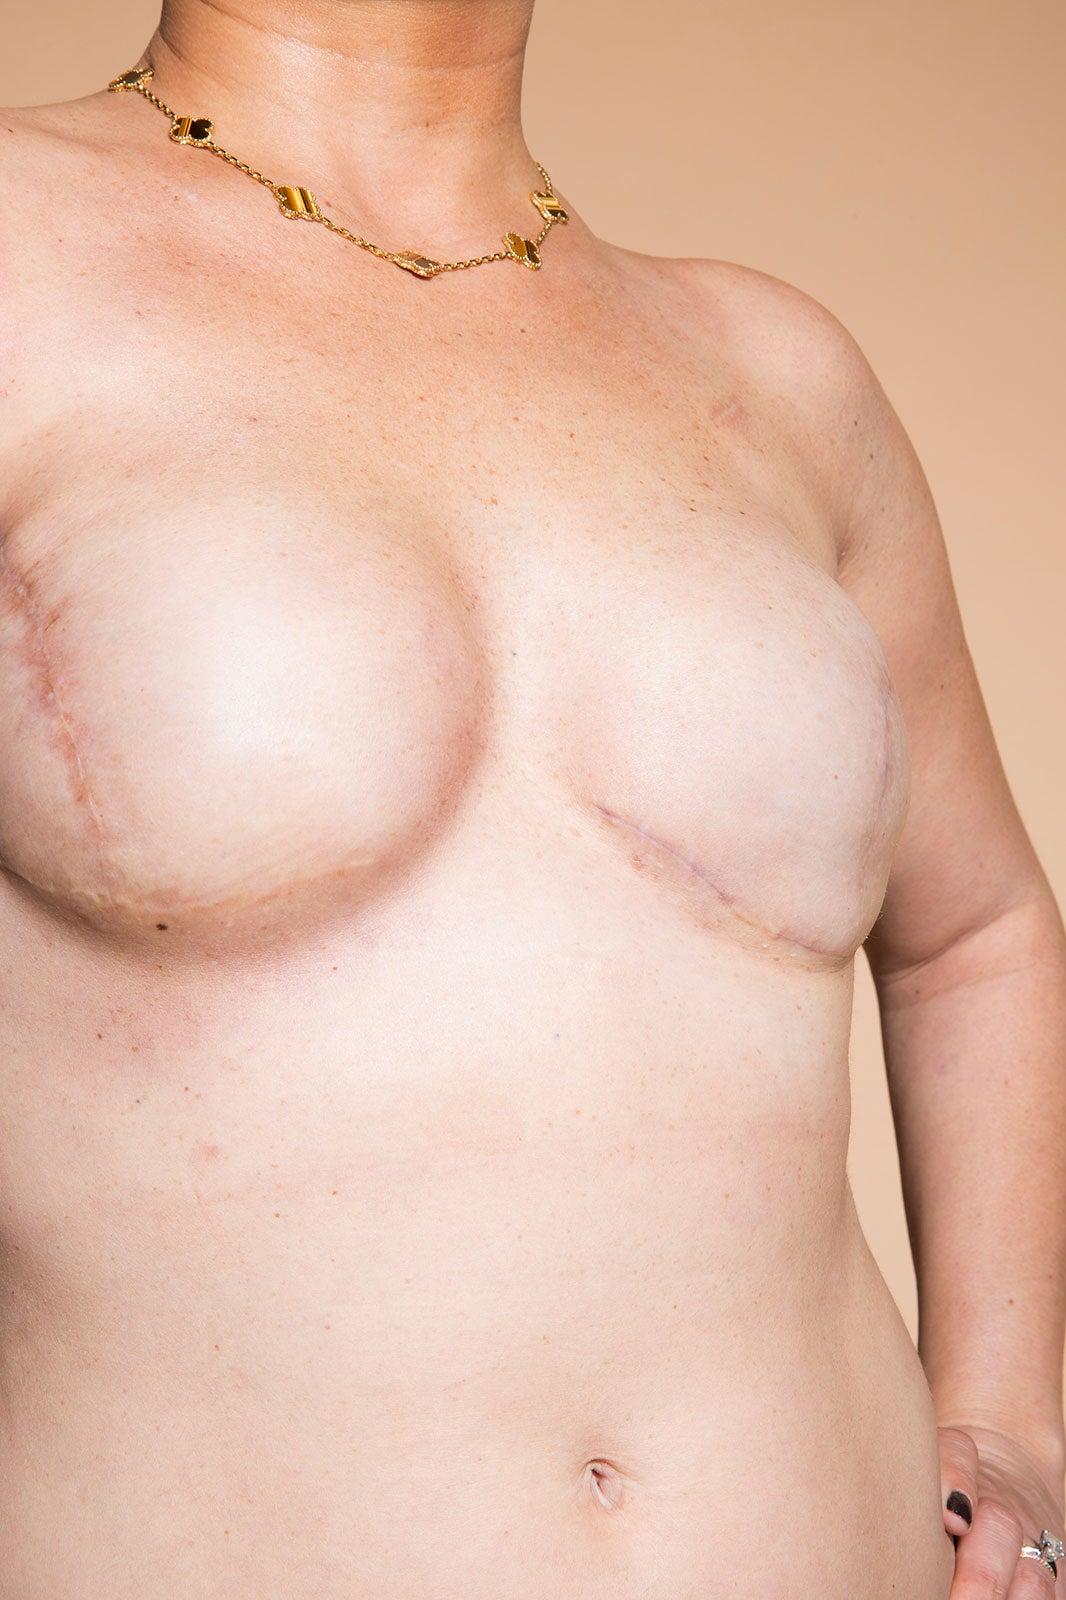 Nackt körbchengröße d Women We